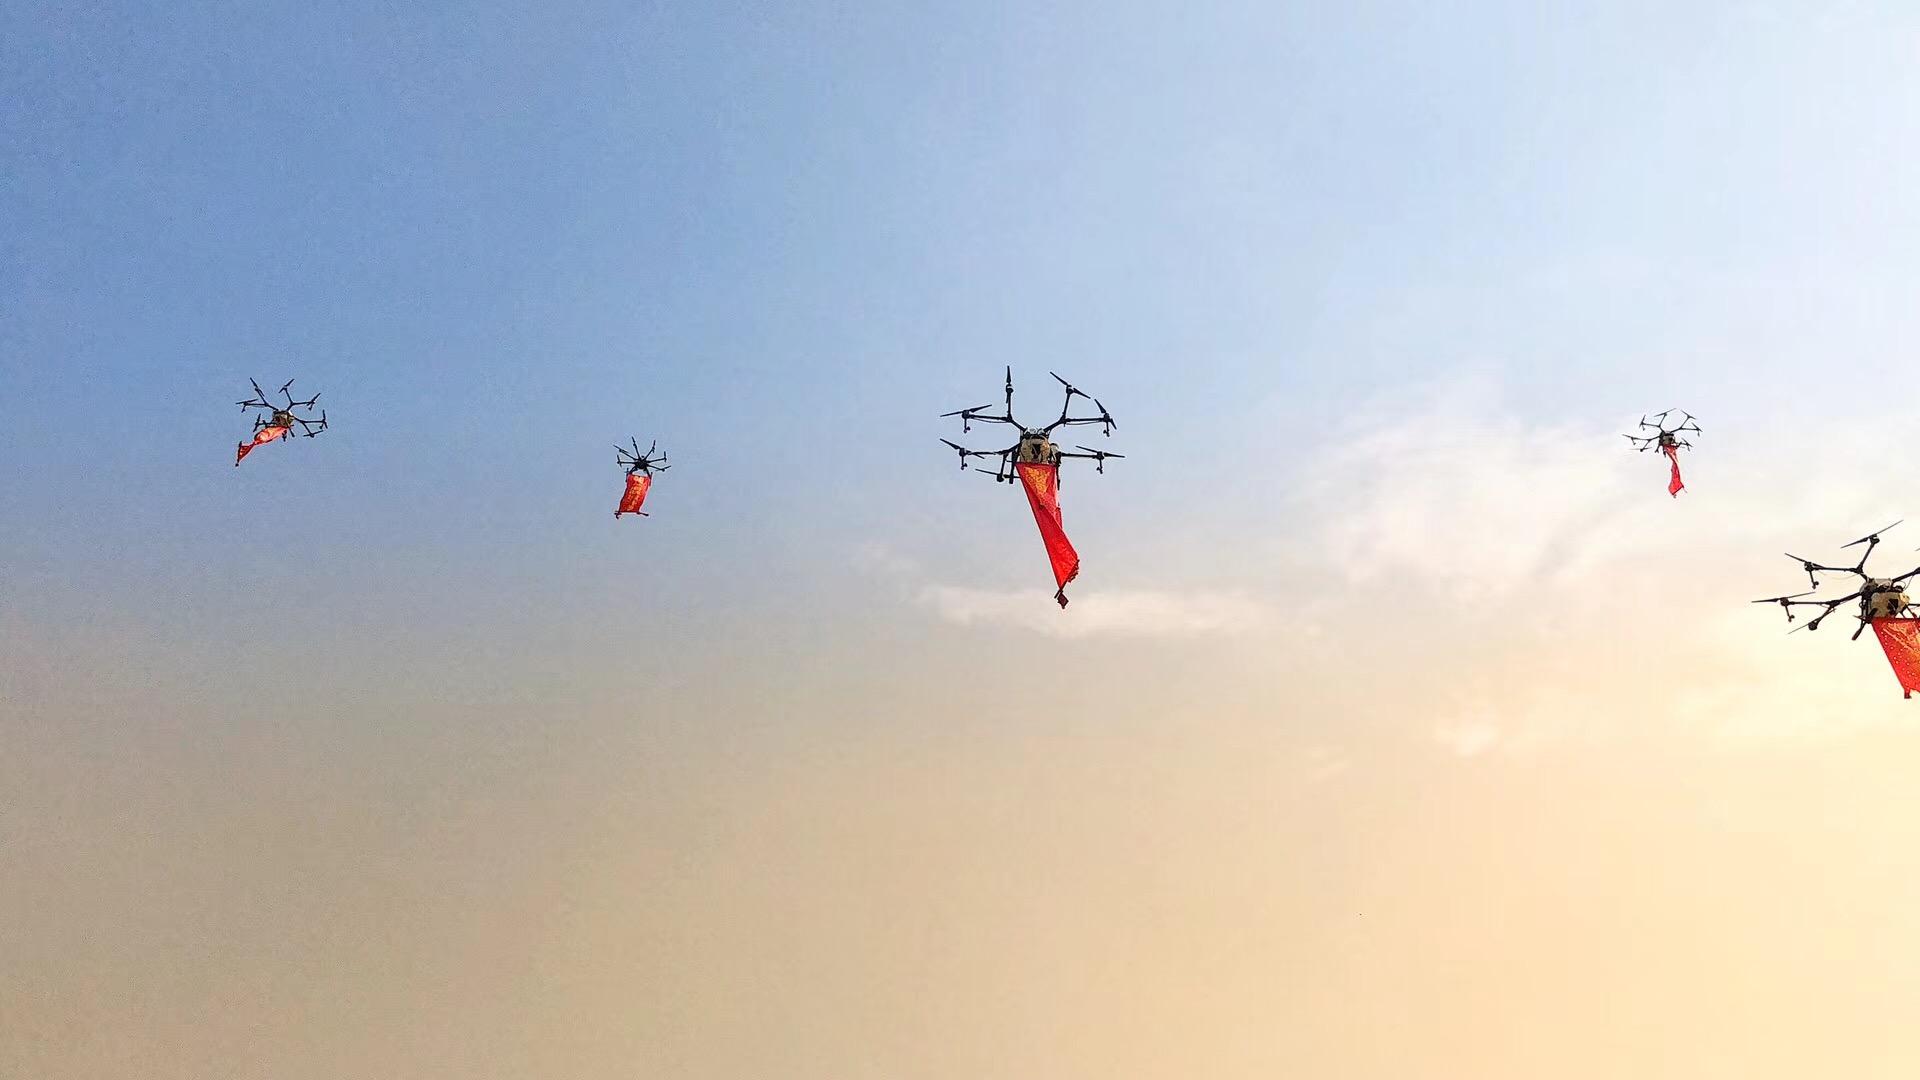 横幅无人机  无人机悬挂横幅标语 宣传 效果 噱头